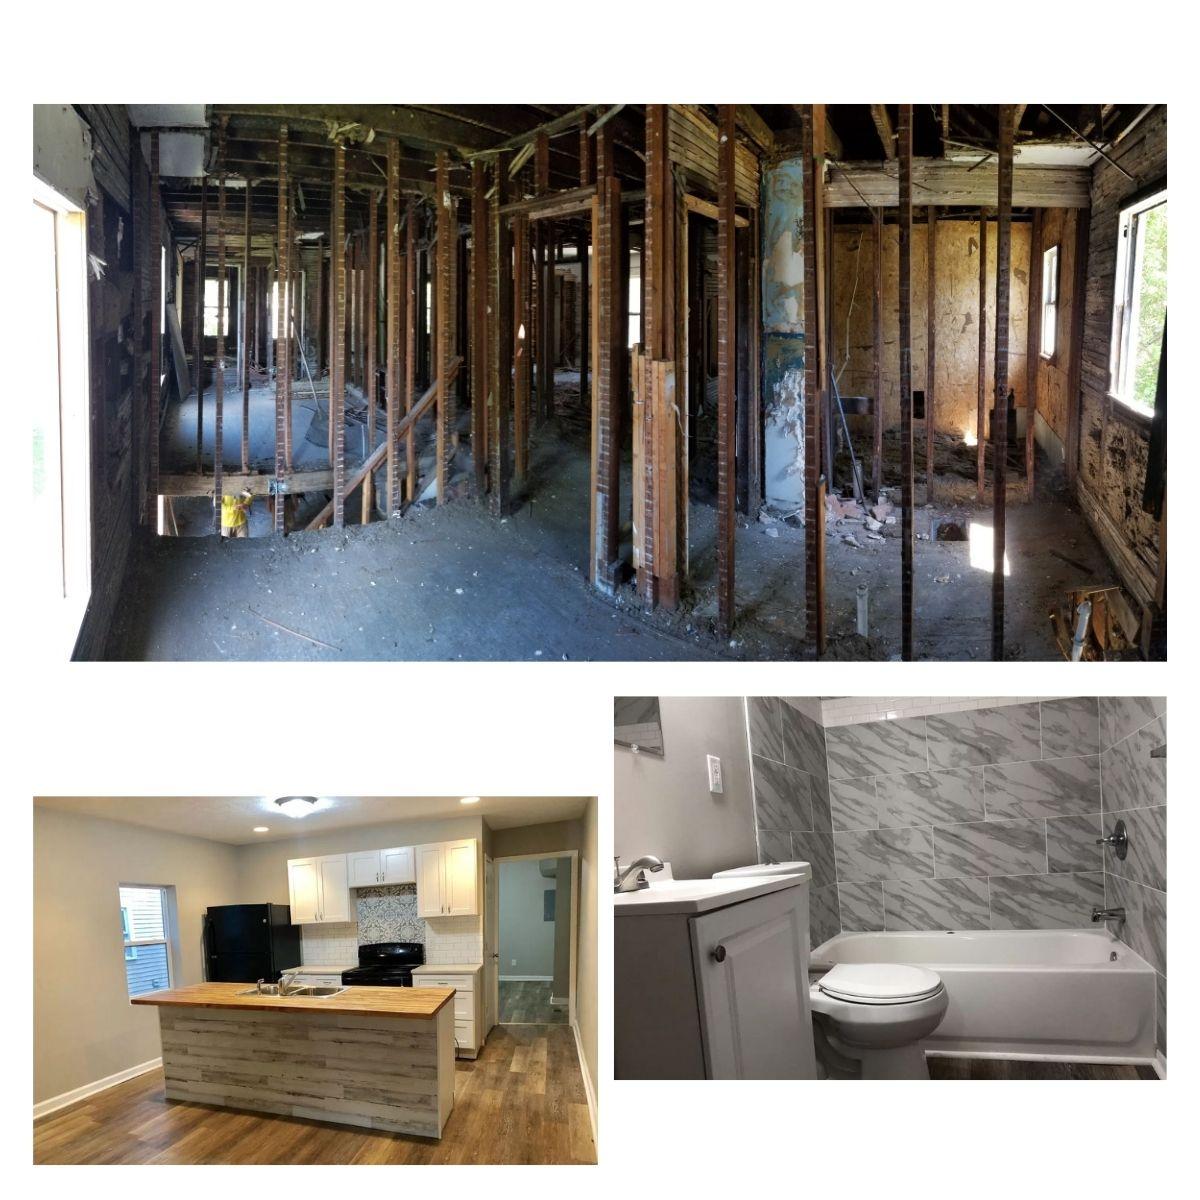 renovation-by-Watson-Buys-1